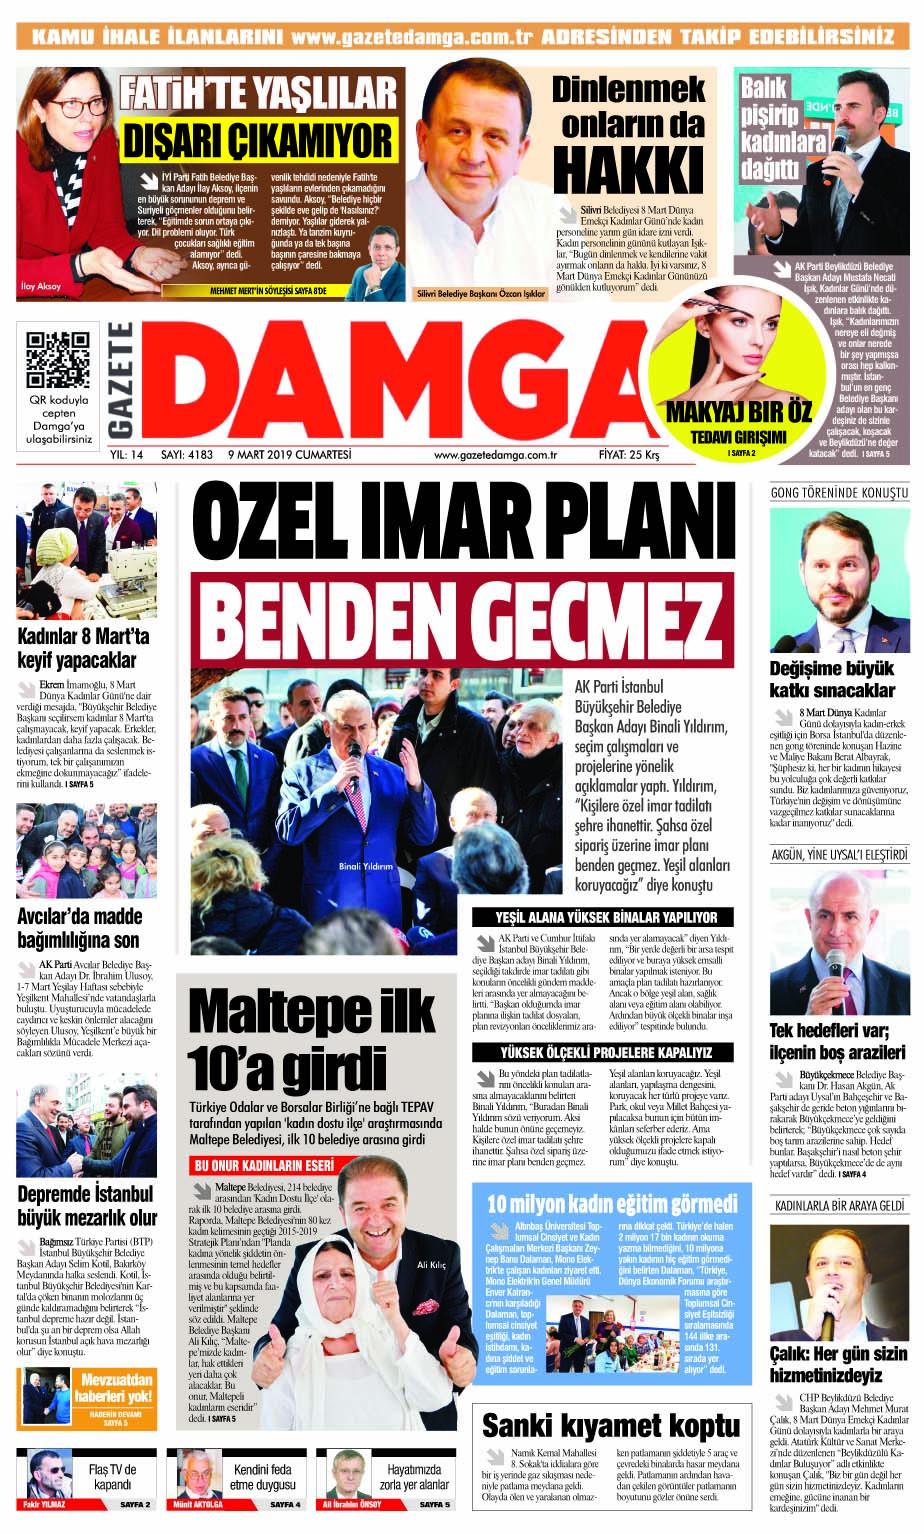 Gazete Damga - 09.03.2019 Sayfaları